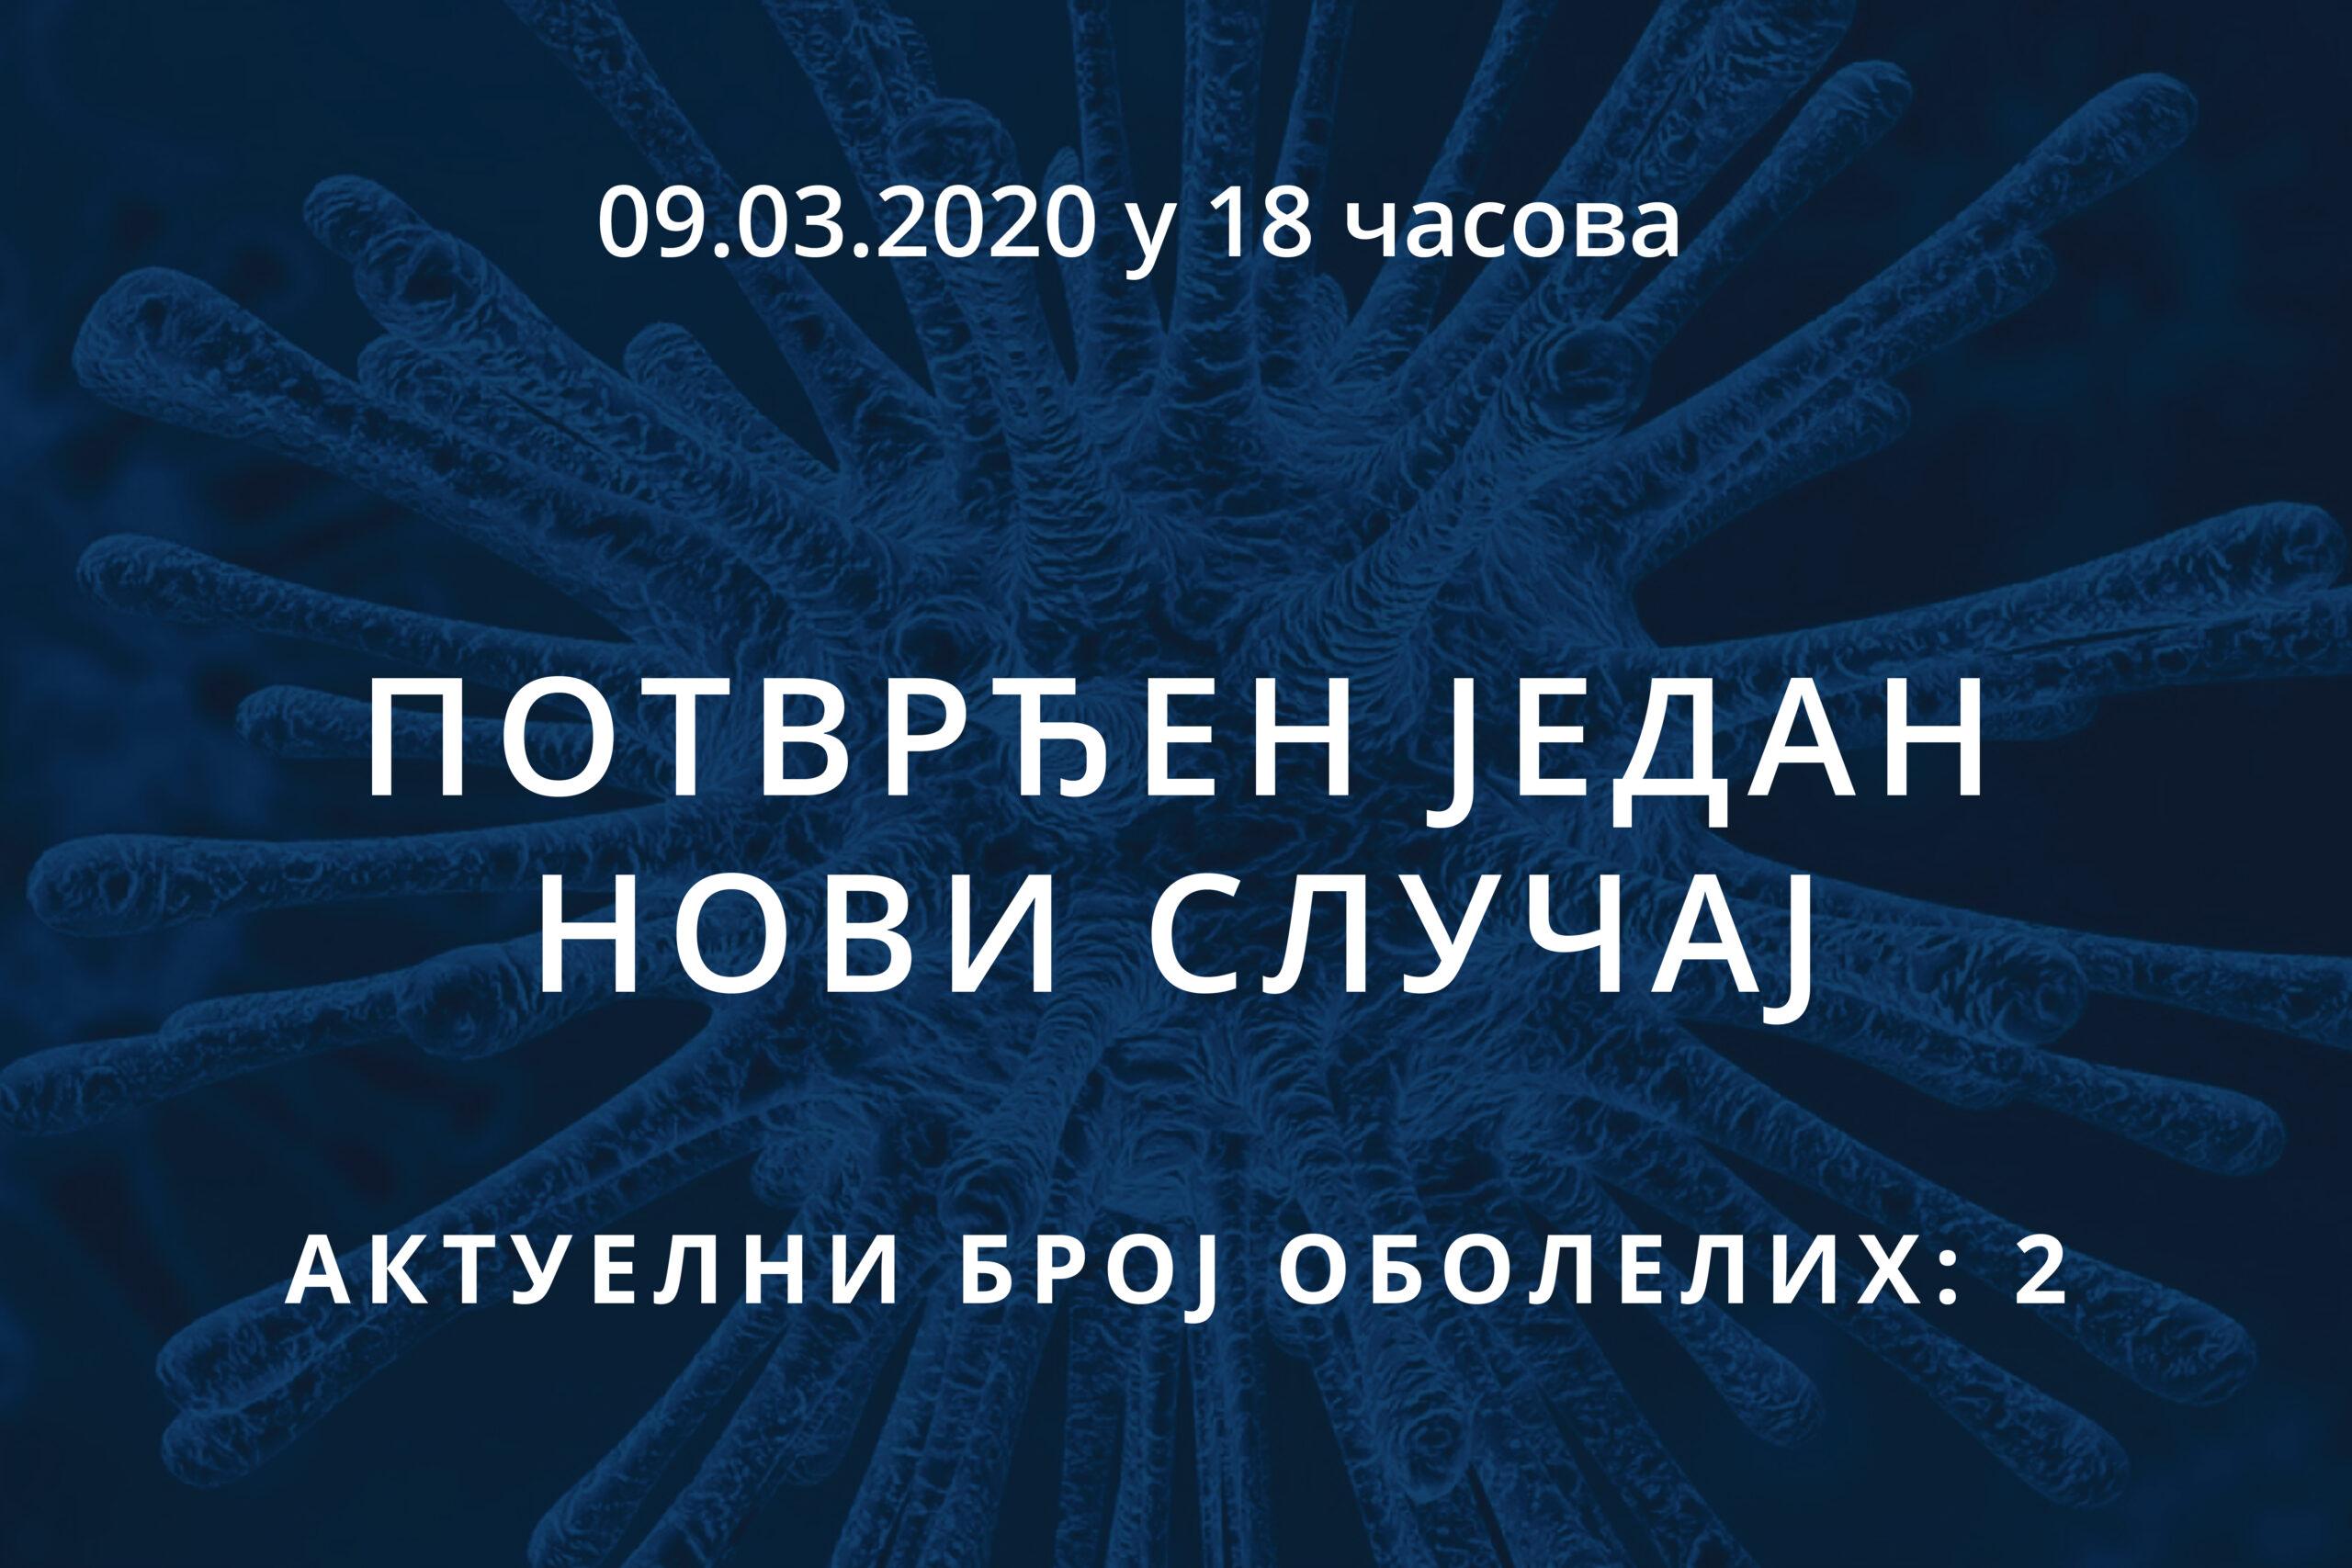 Информације о корона вирусу COVID-19, 09.03.2020 у 18 часова